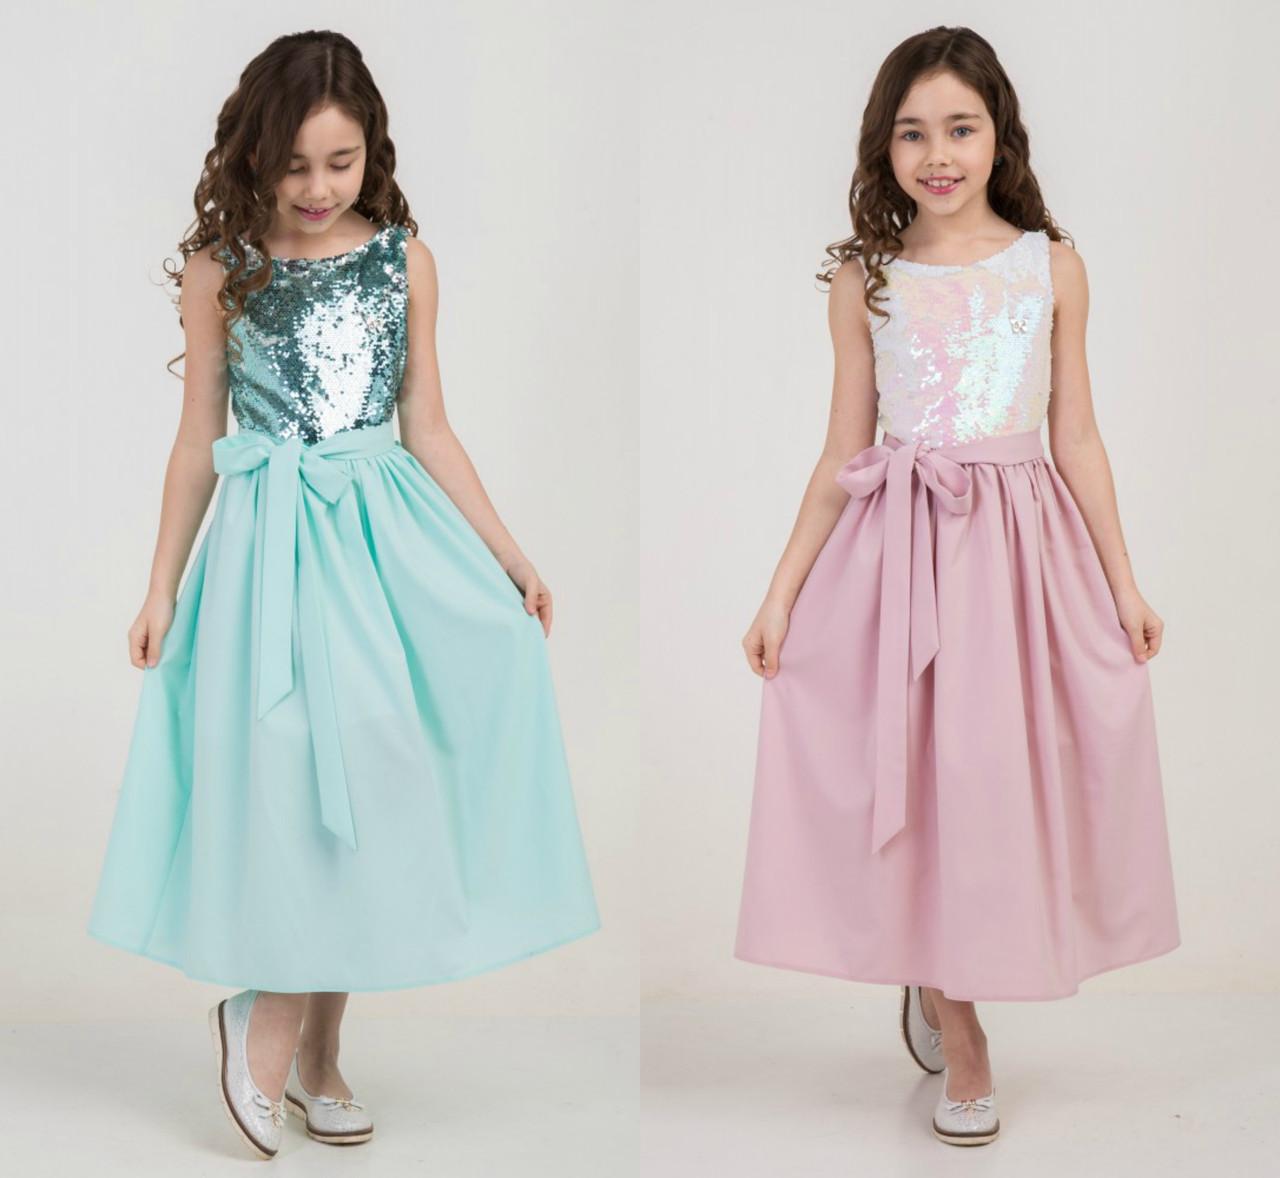 Платье для девочек, красивое и нарядное, с пайетками, рост 110 - Интернет- 103bf49d3c5